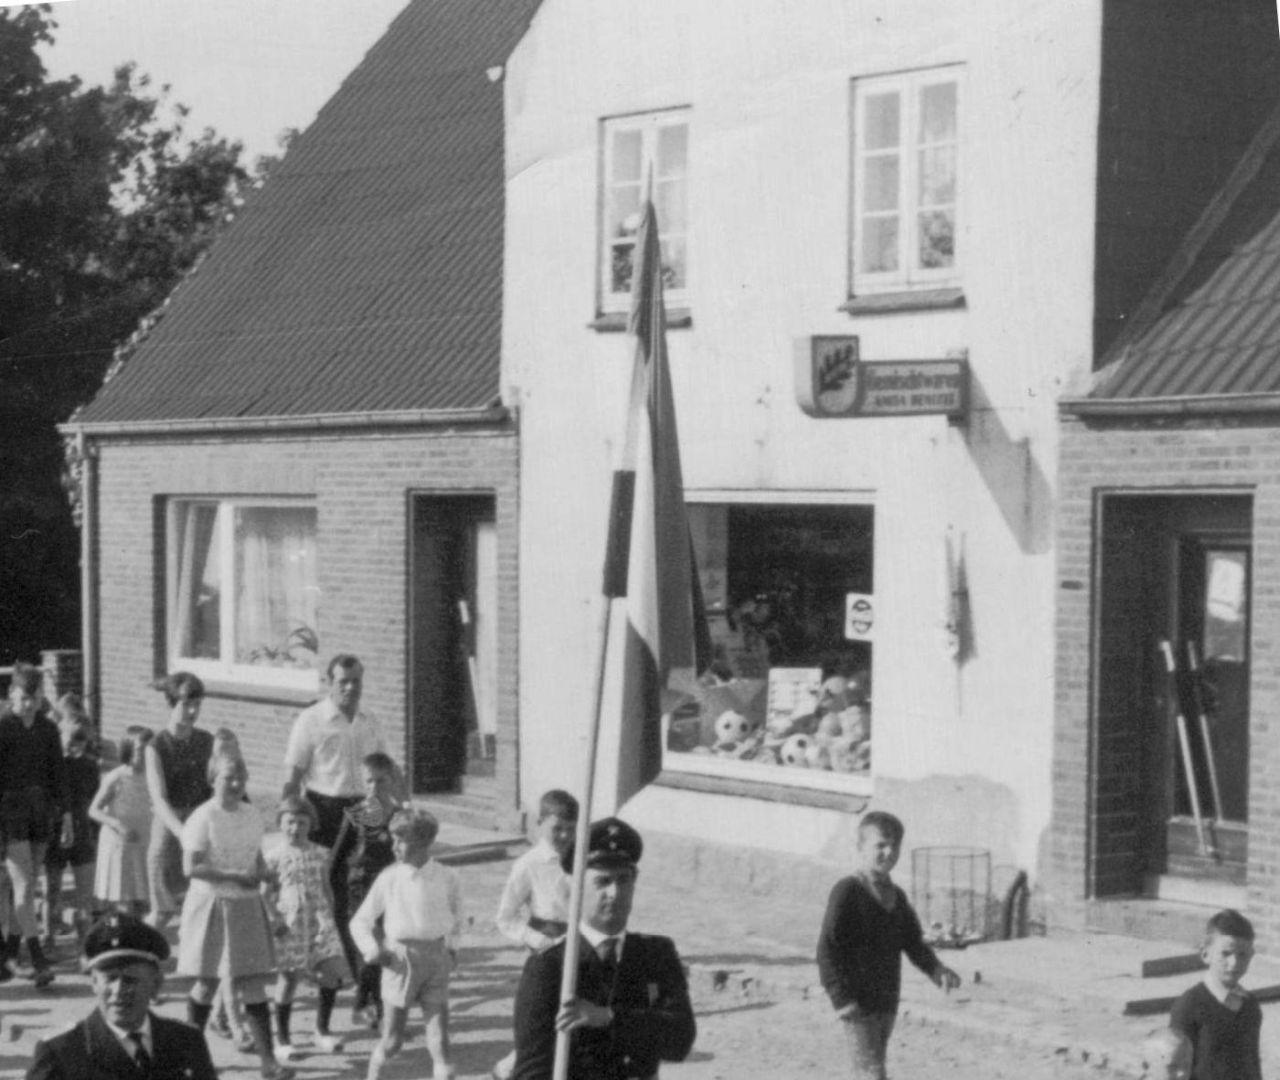 Kolonialwarenladen Schlüter 1967